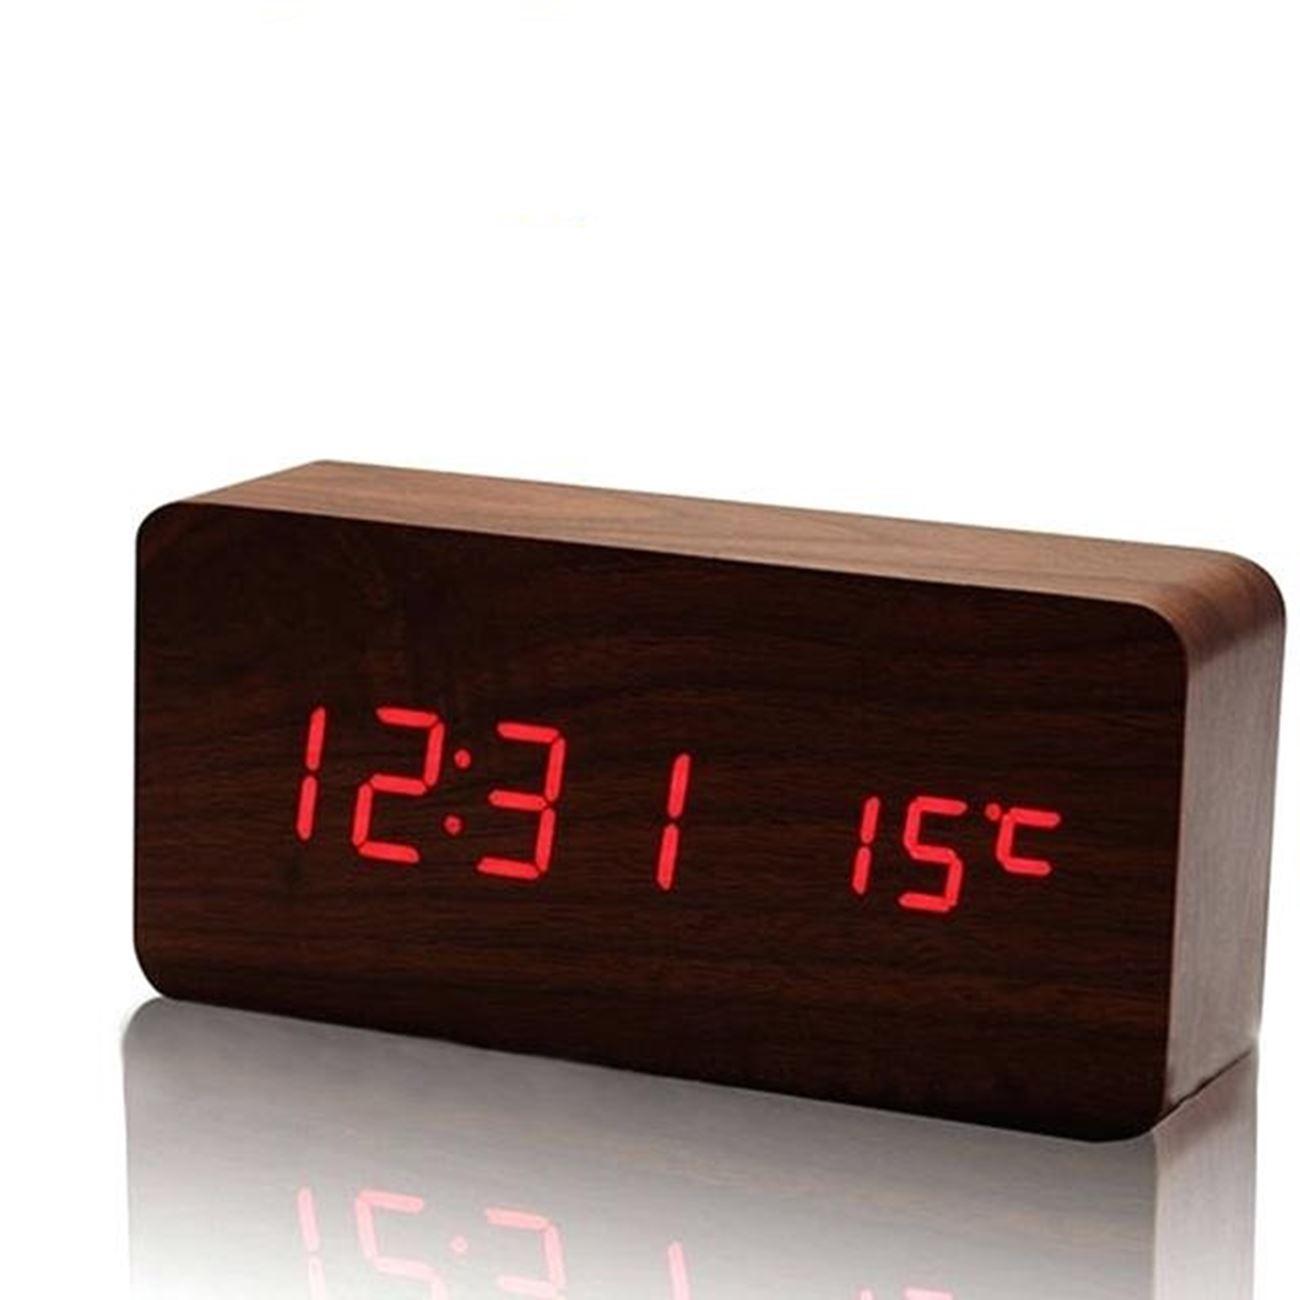 Ξύλινο επιτραπέζιο ρολόι με οθόνη LED - Θερμόμετρο - Ξυπνητήρι - Ημερολόγιο    Ρολόγια επιτραπέζια  169e996b9d7